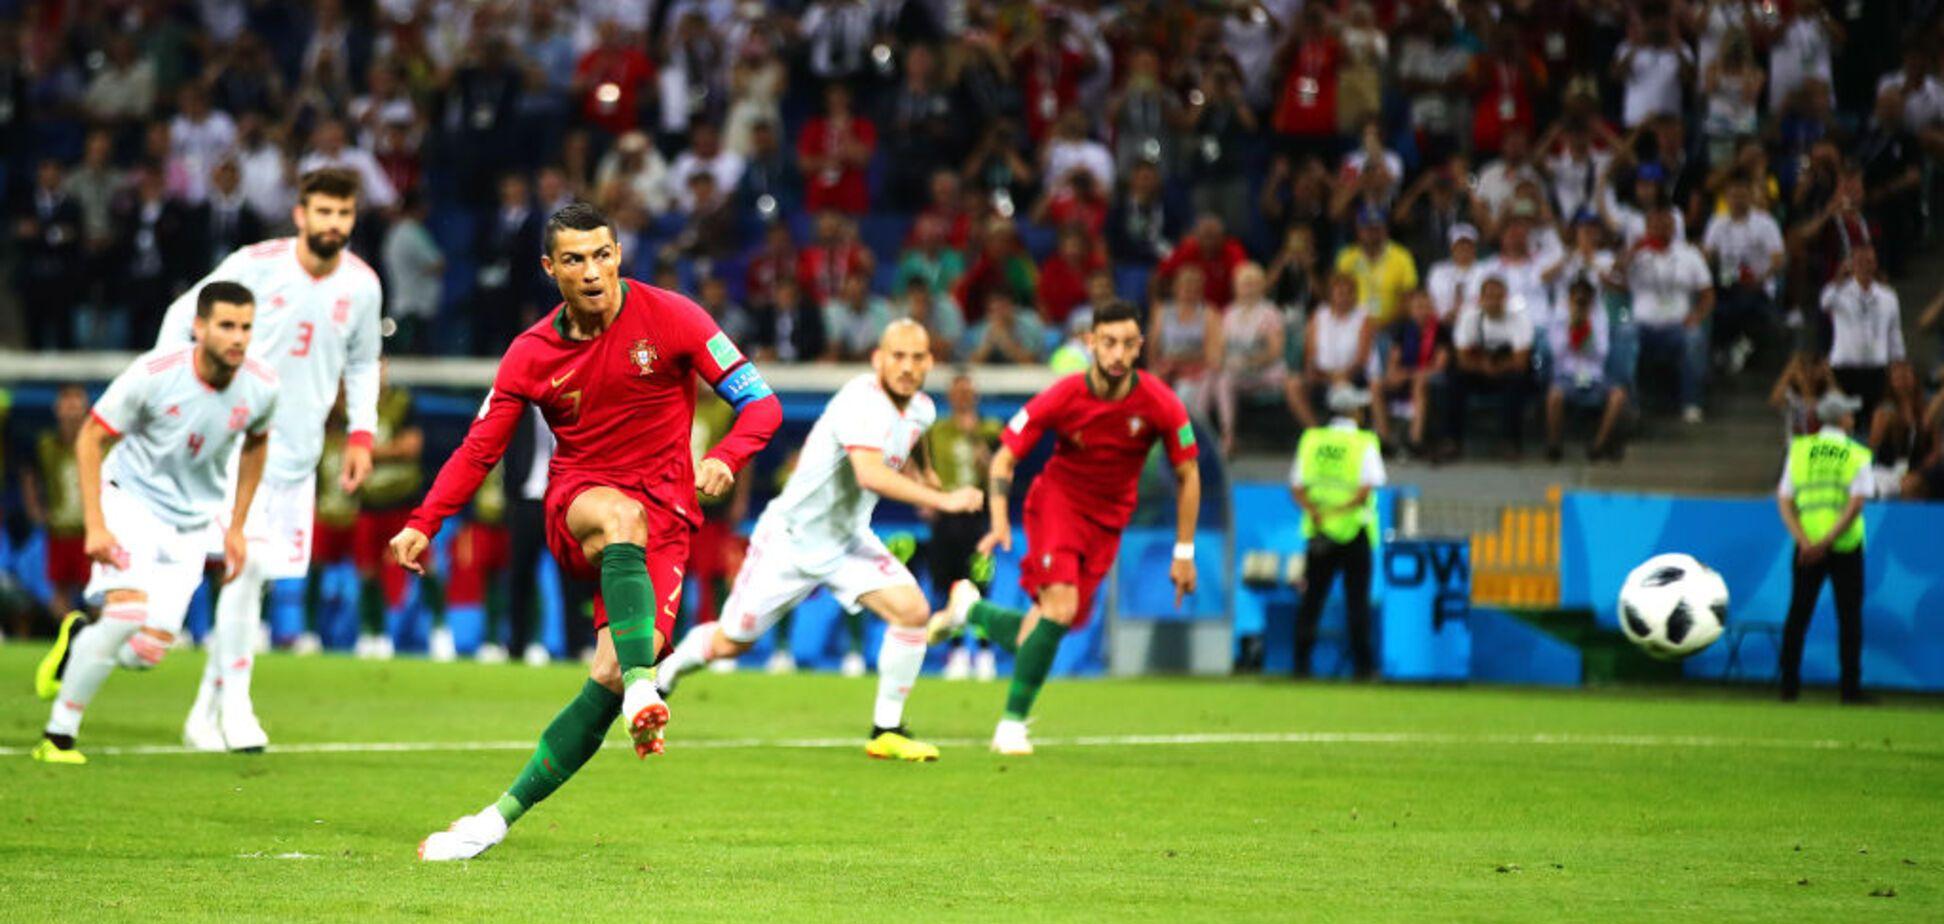 Португалія - Марокко - 1-0: онлайн-трансляція матчу ЧС-2018